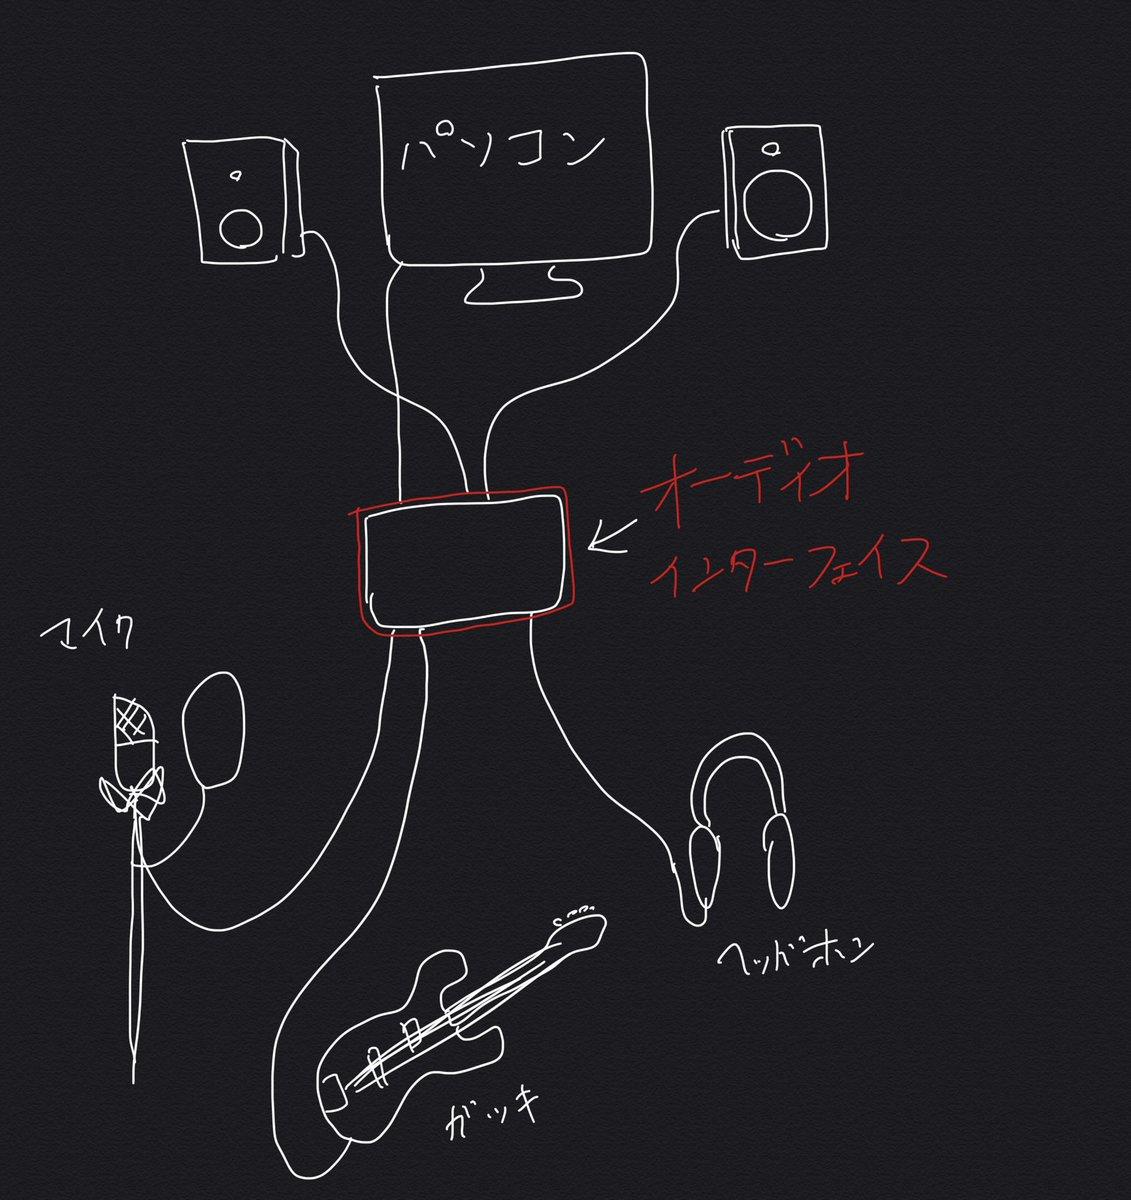 オーディオインターフェイスとは、「パソコン」と「楽器」の『橋渡し的なやつ』。 ギターやマイクは直接パソコンには挿せないからね。  #音楽 #dtm #music #使い方 #protools #弾き語り動画 #作曲家と繋がりたい #歌ってみた #歌 #レコーディング #作曲 #編曲 #アレンジ #アレンジャー https://t.co/PUiKgJt1Nt